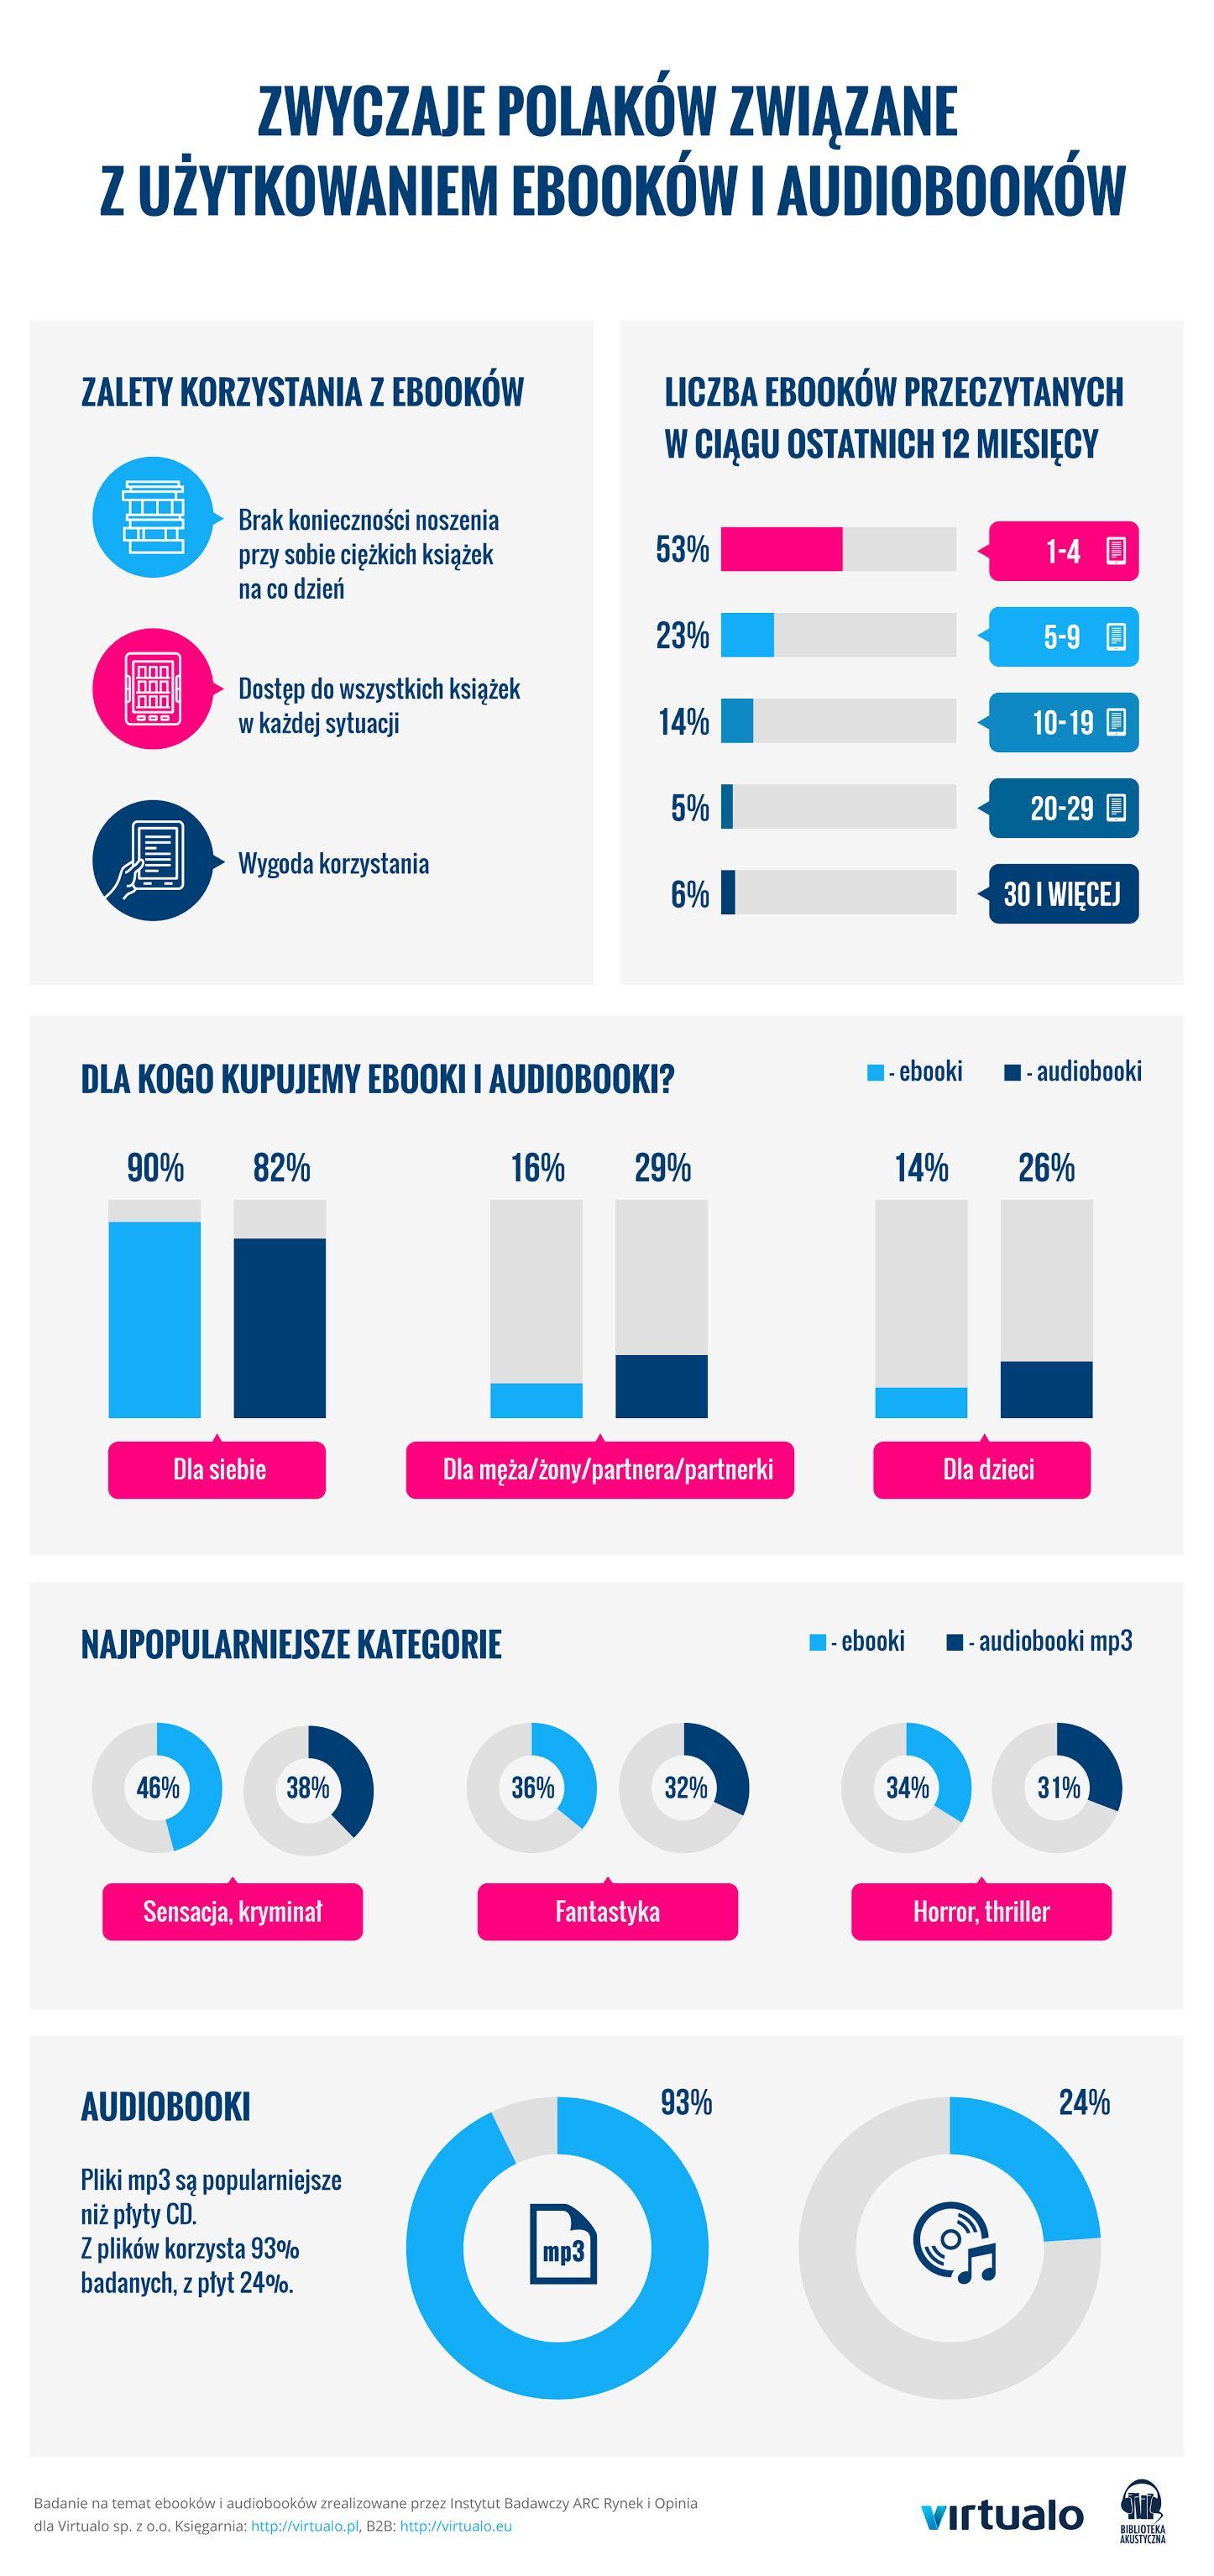 zwyczaje_polakow_zwiazane_z_uzytkowaniem_ebookow_i_audiobookow_infografika_virtualo